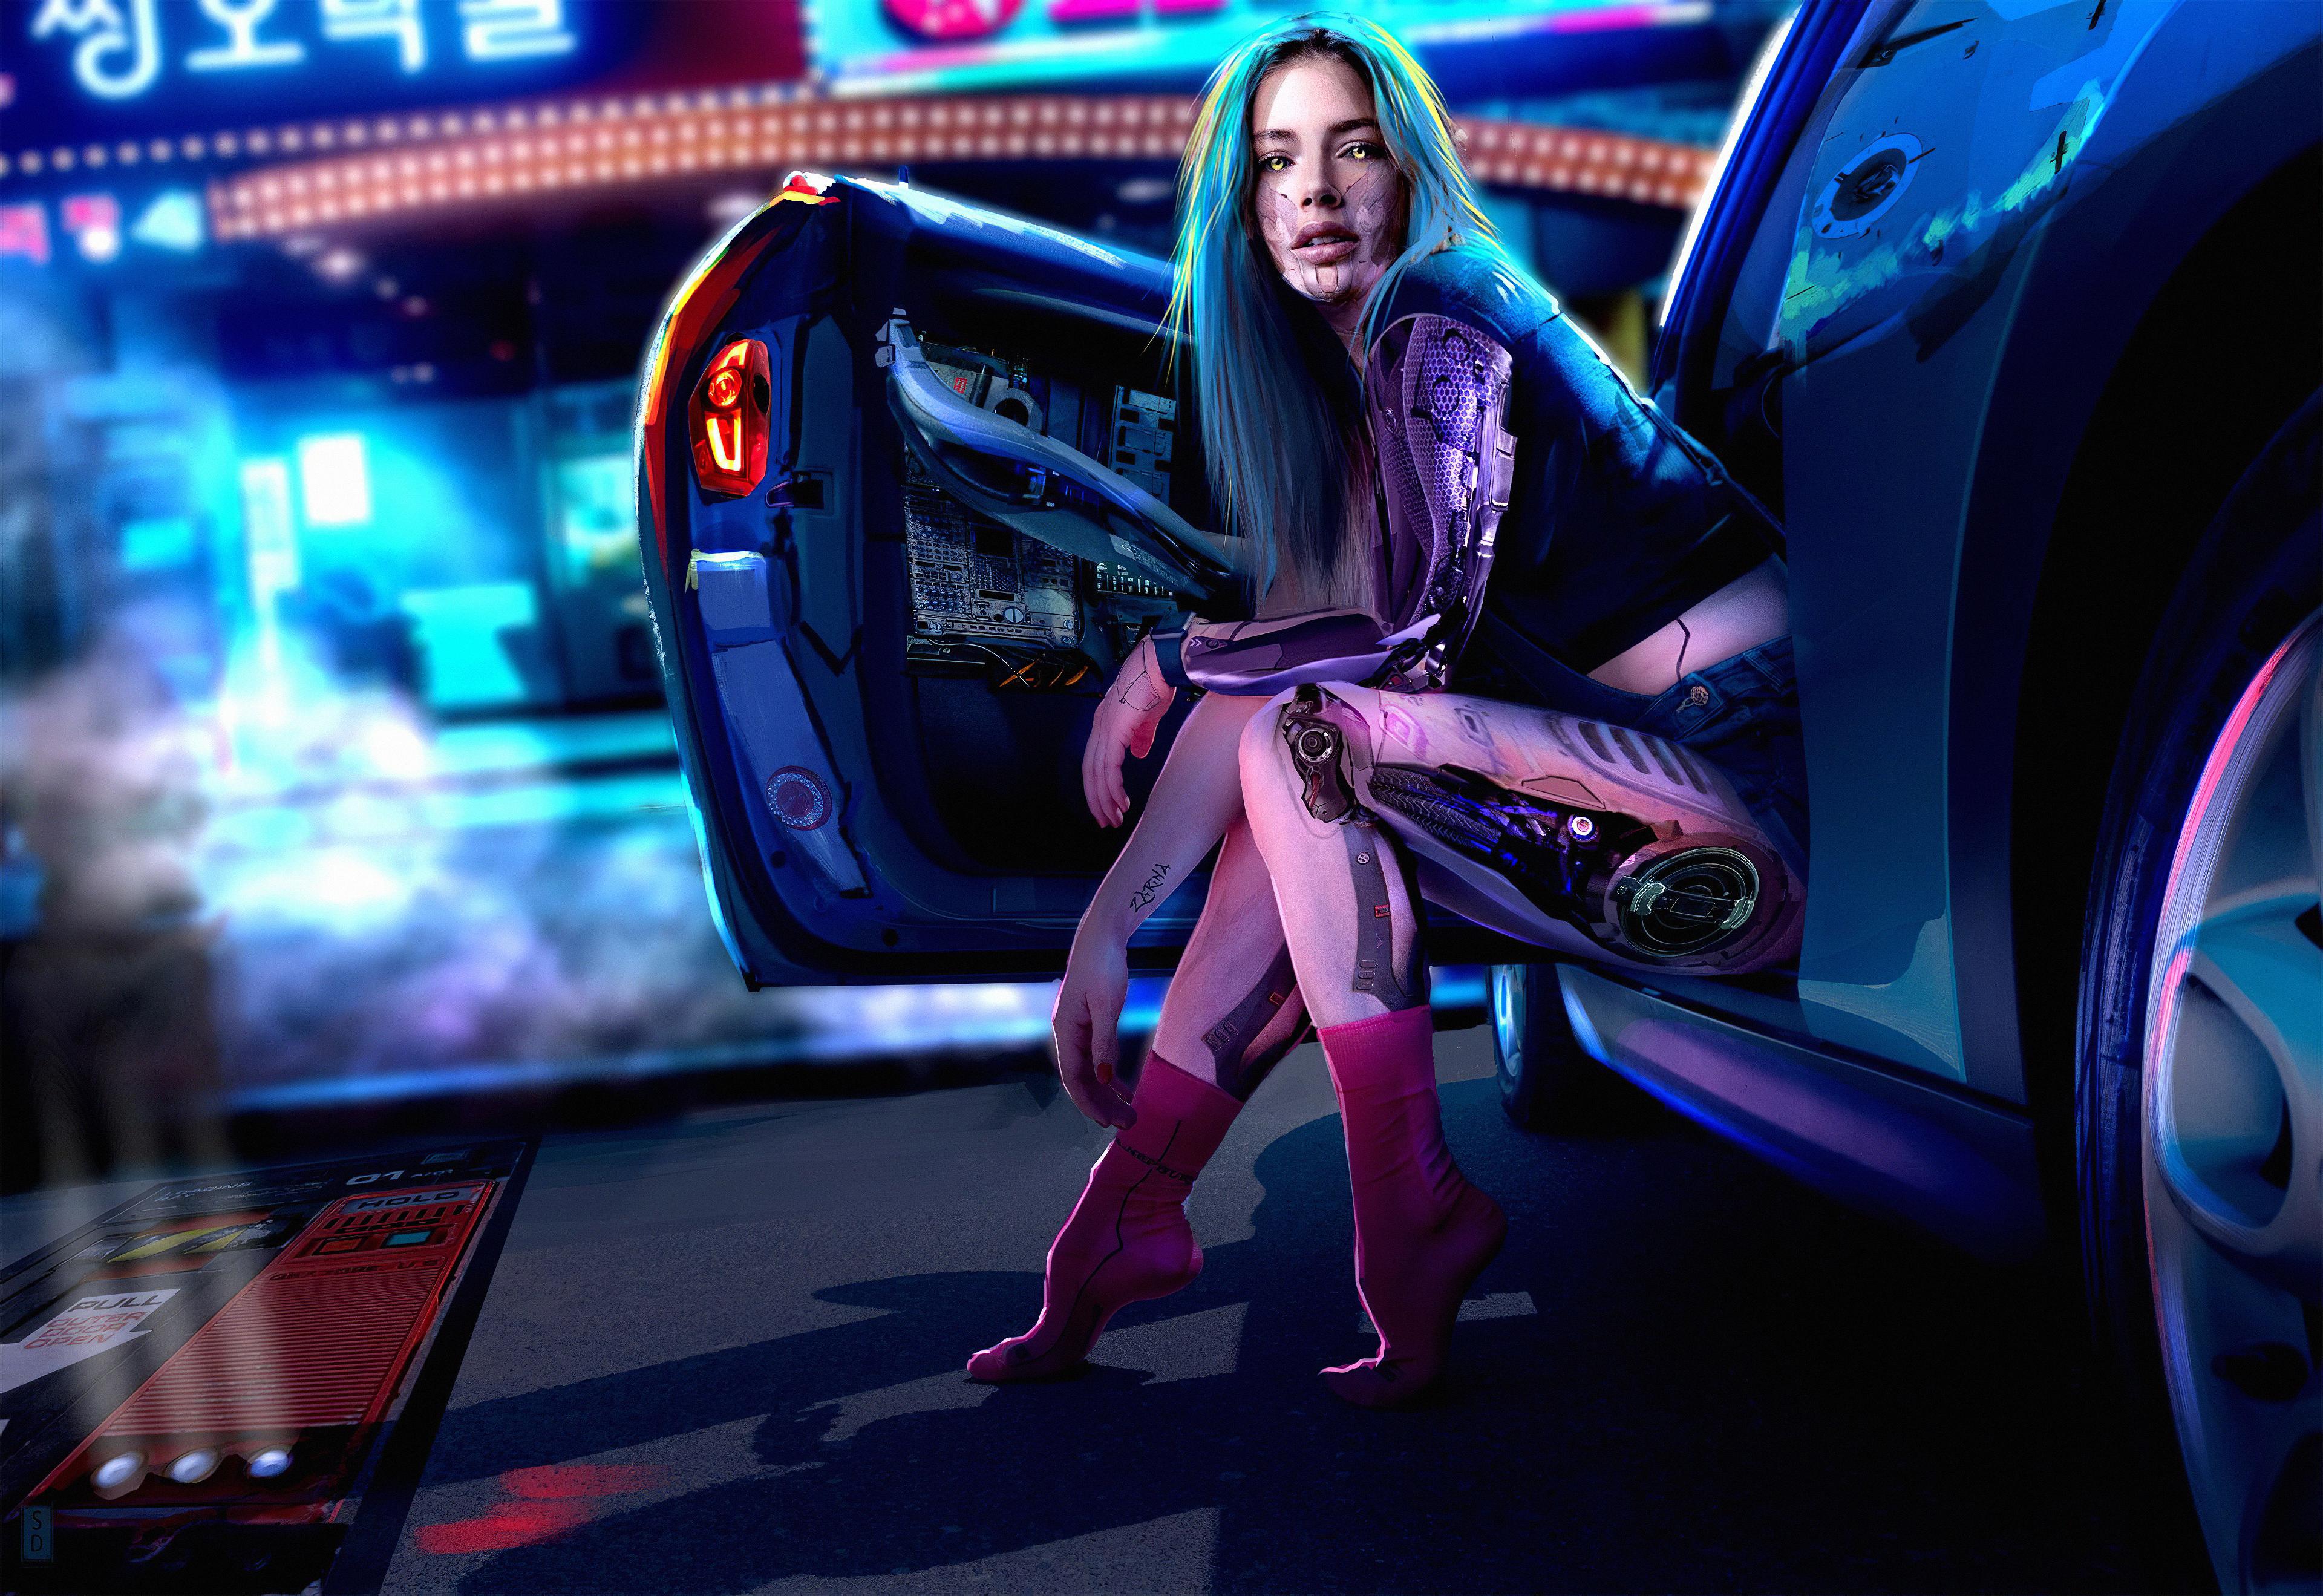 cyberpunk girl 1578254655 - Cyberpunk Girl -